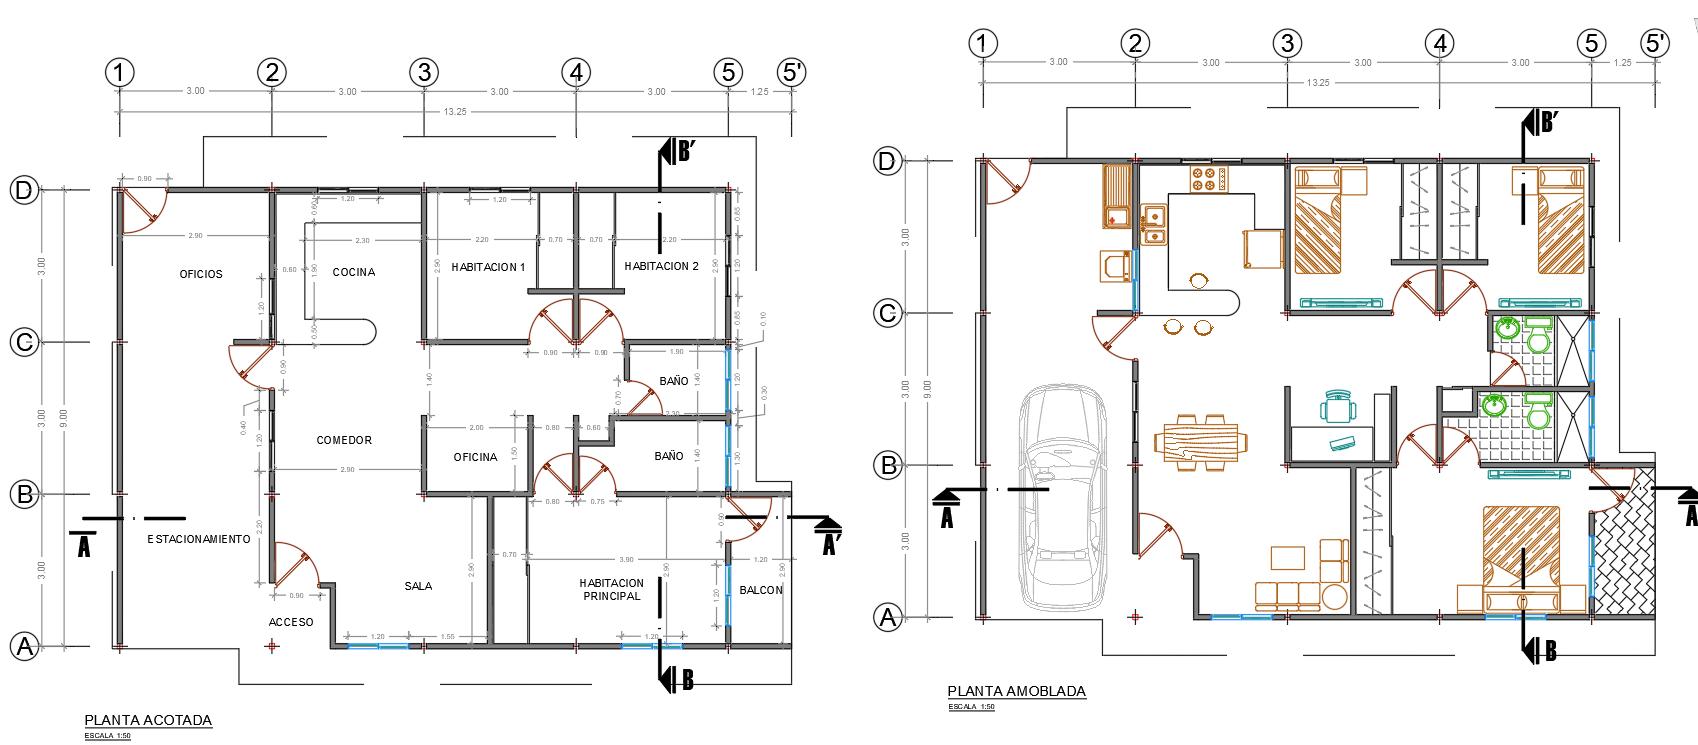 Top view furniture layout plan